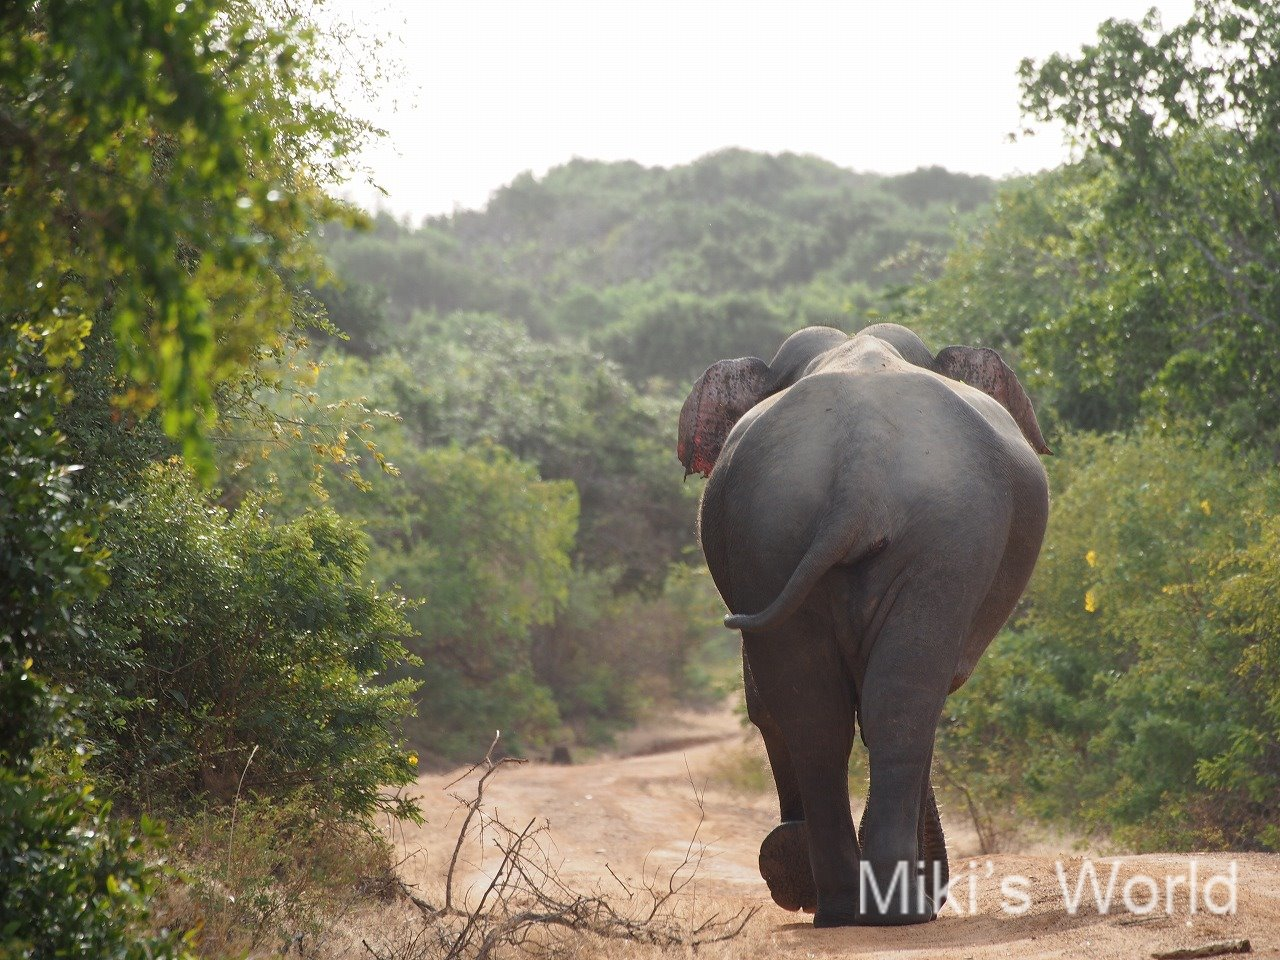 スリランカでサファリを真剣に楽しむ方法 ヤーラ国立公園のスリランカゾウ(Sri Lankan elephant)